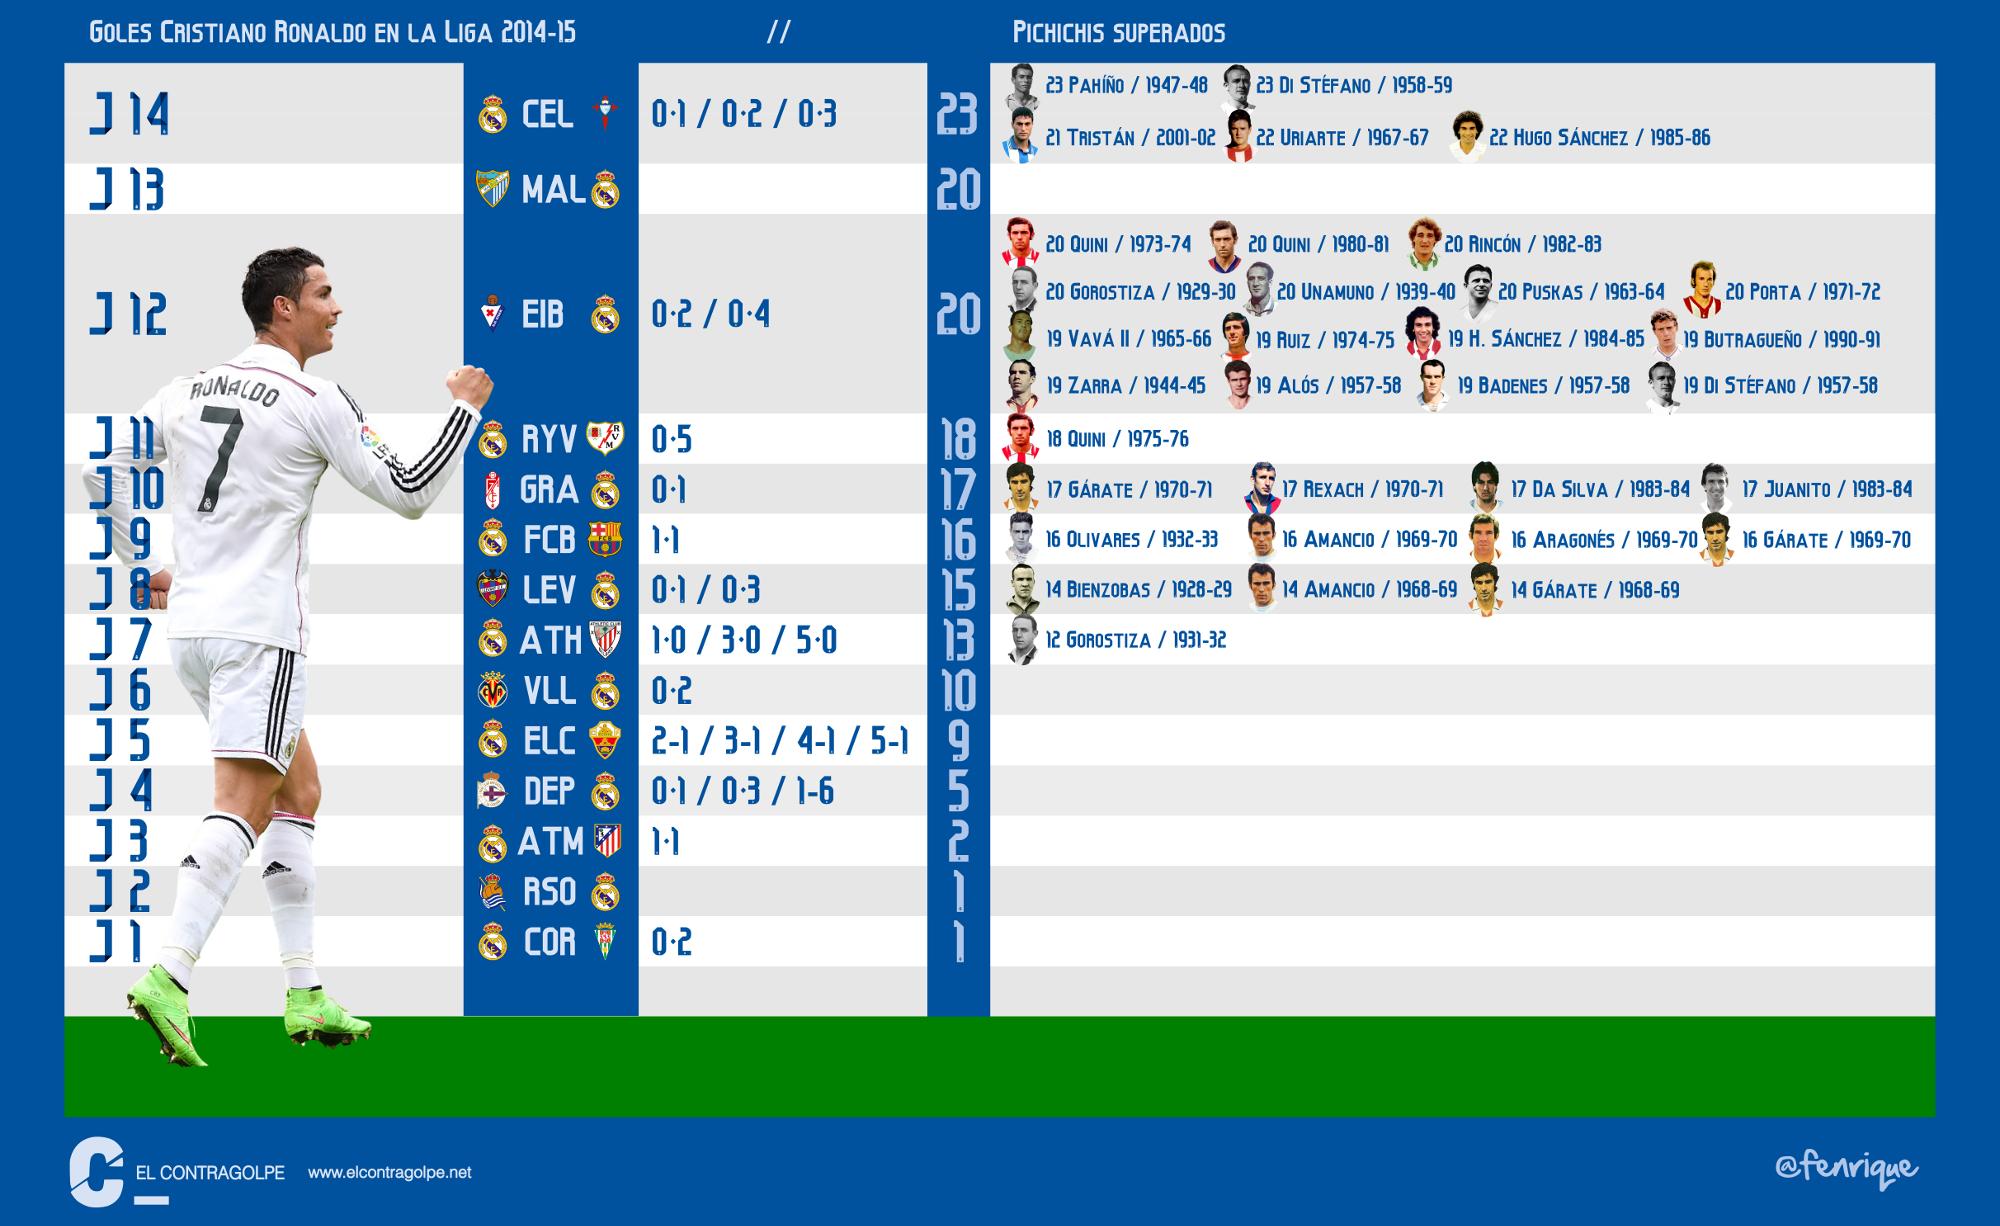 Infografía sobre fútbol. Los goles de Cristiano